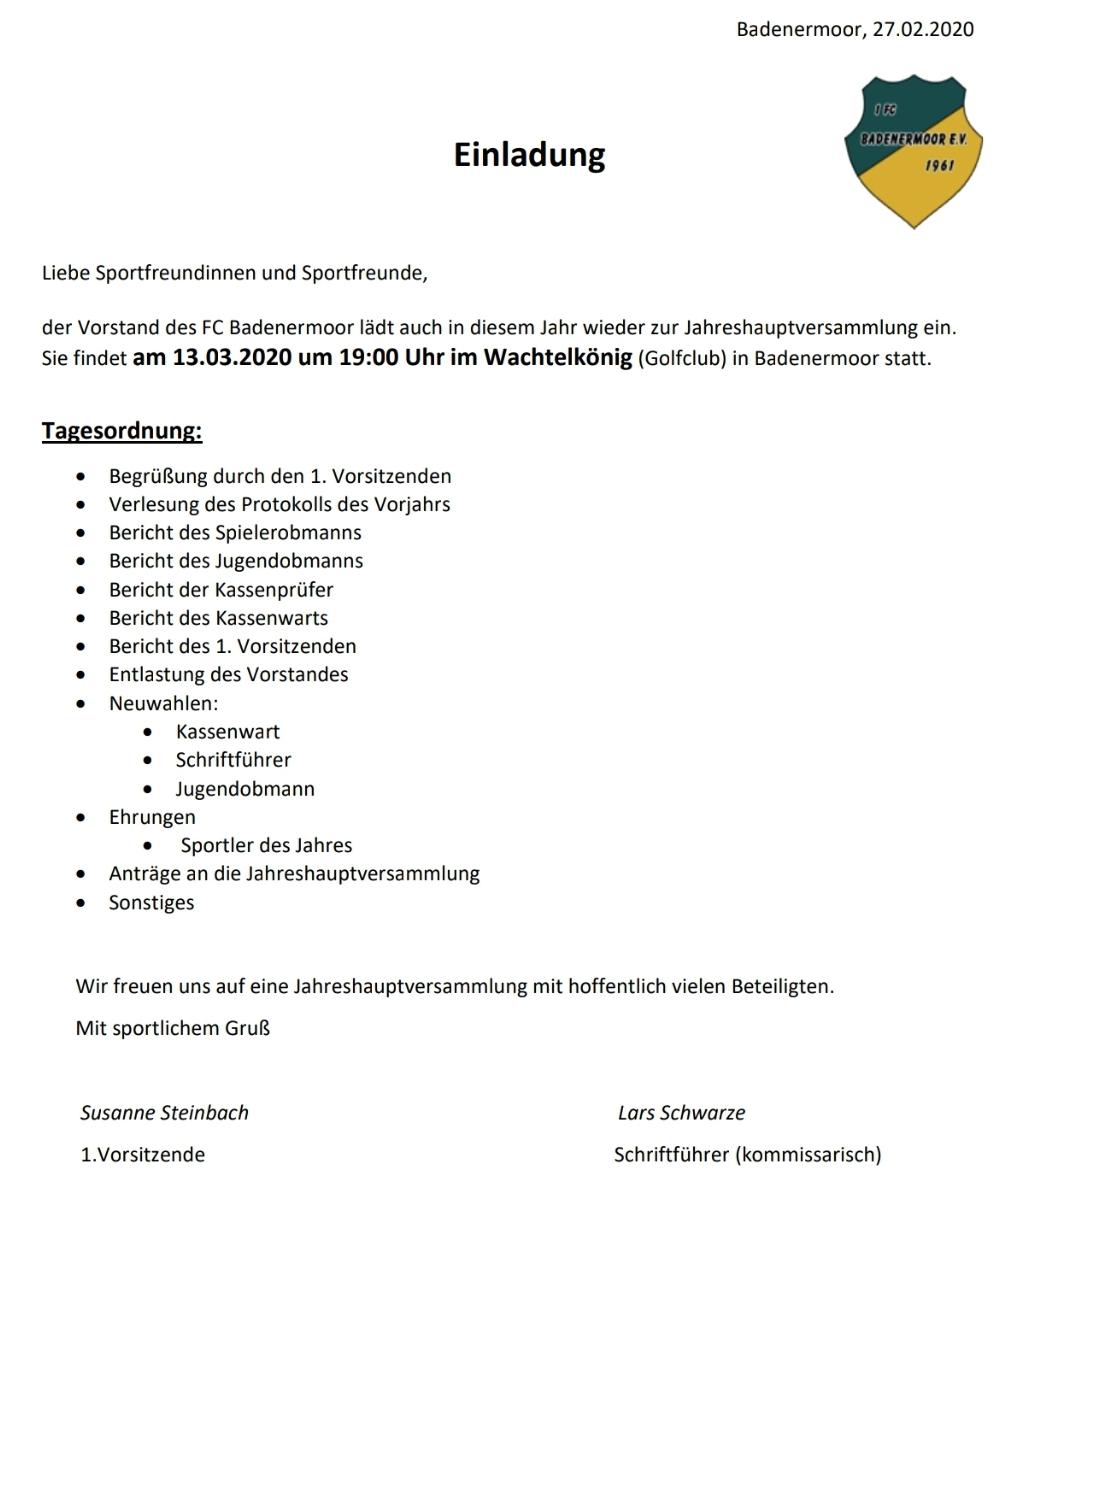 Jahreshauptversammlung 13.03.2020